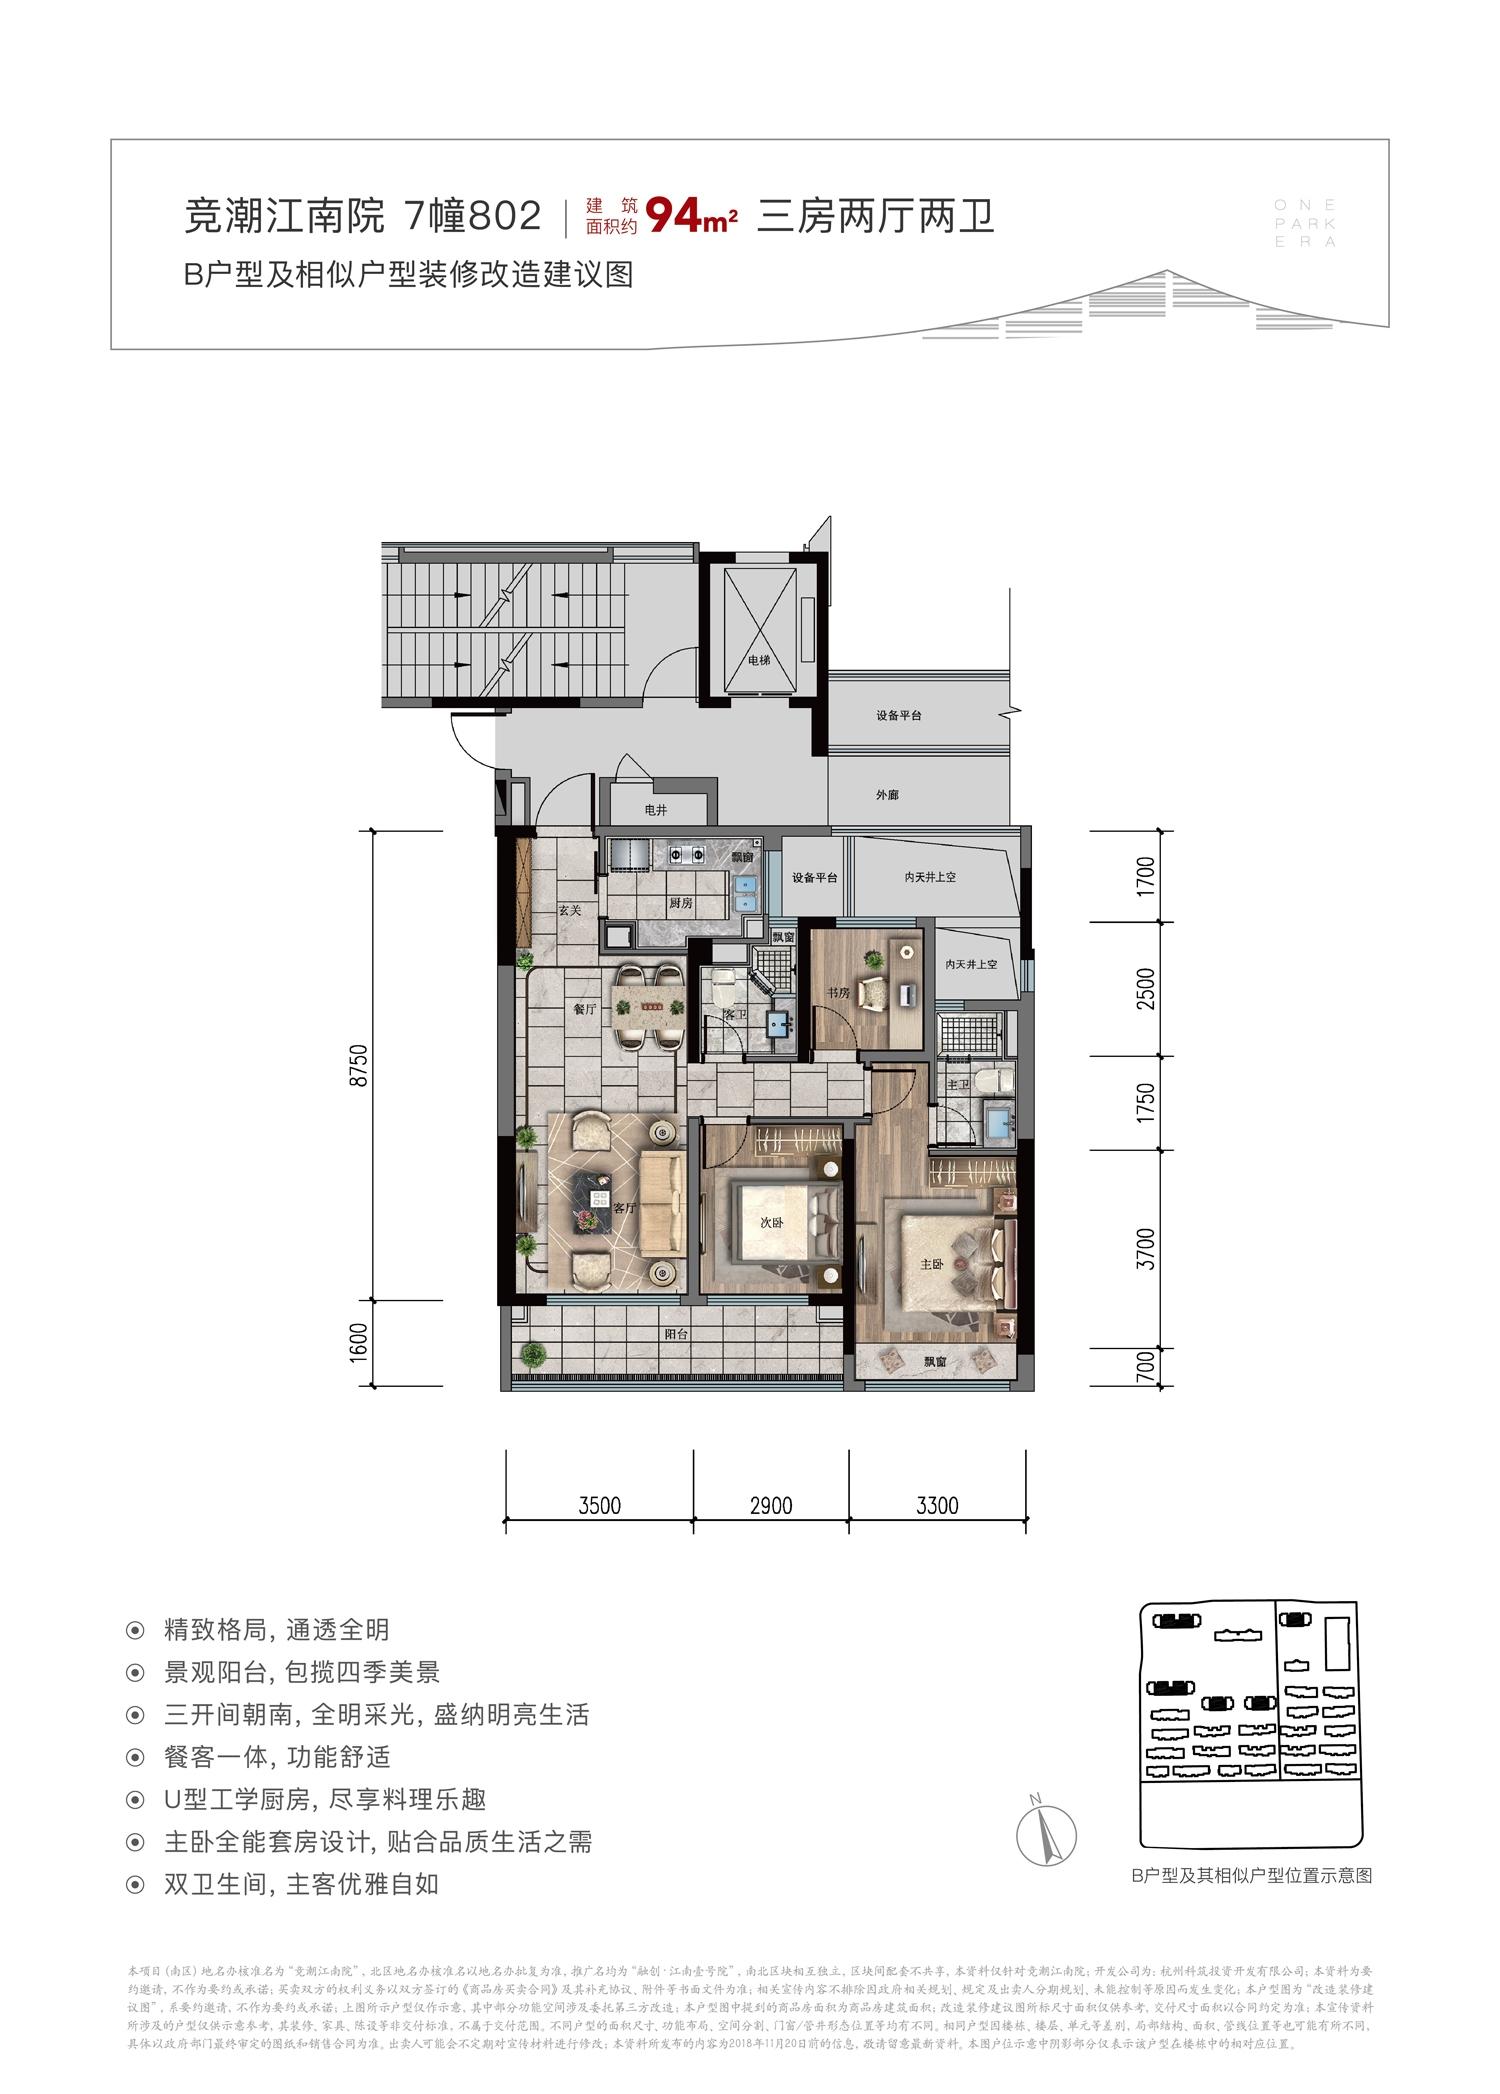 融创江南壹号院高层B户型94方(1、3、6-8#)